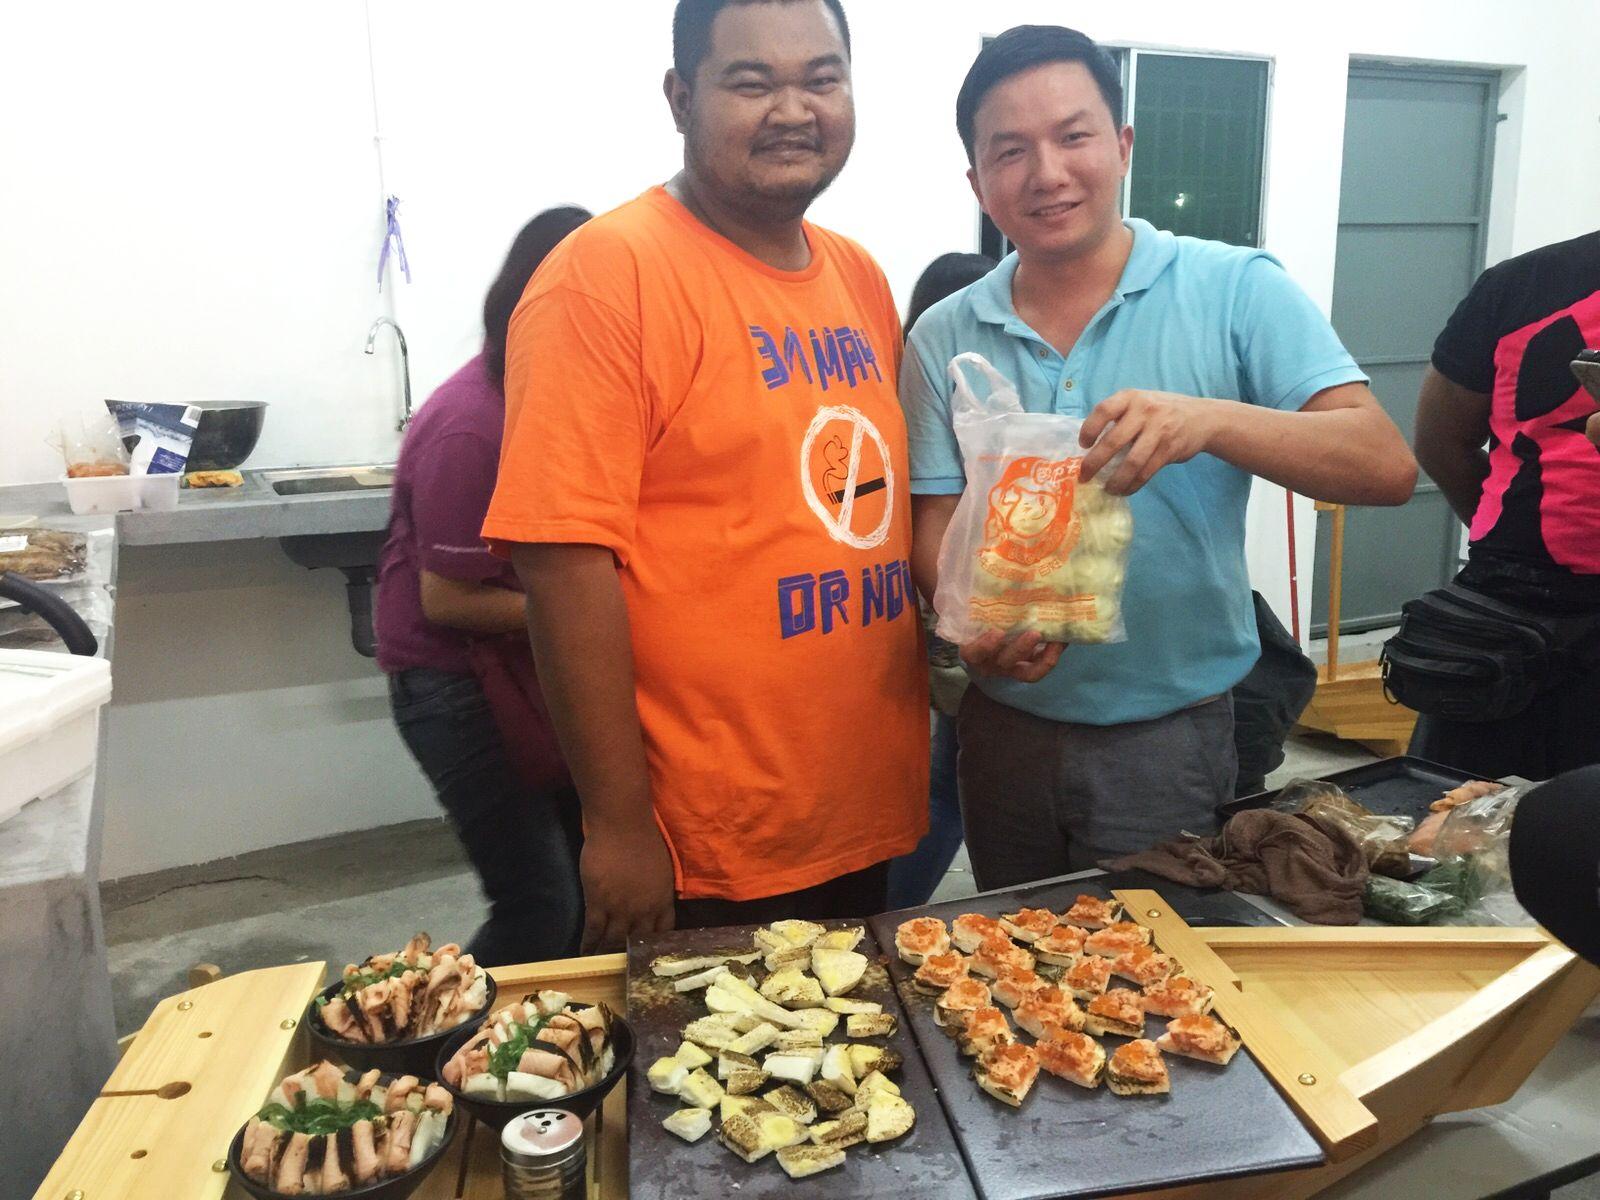 Bao today, sushi bao, fire,